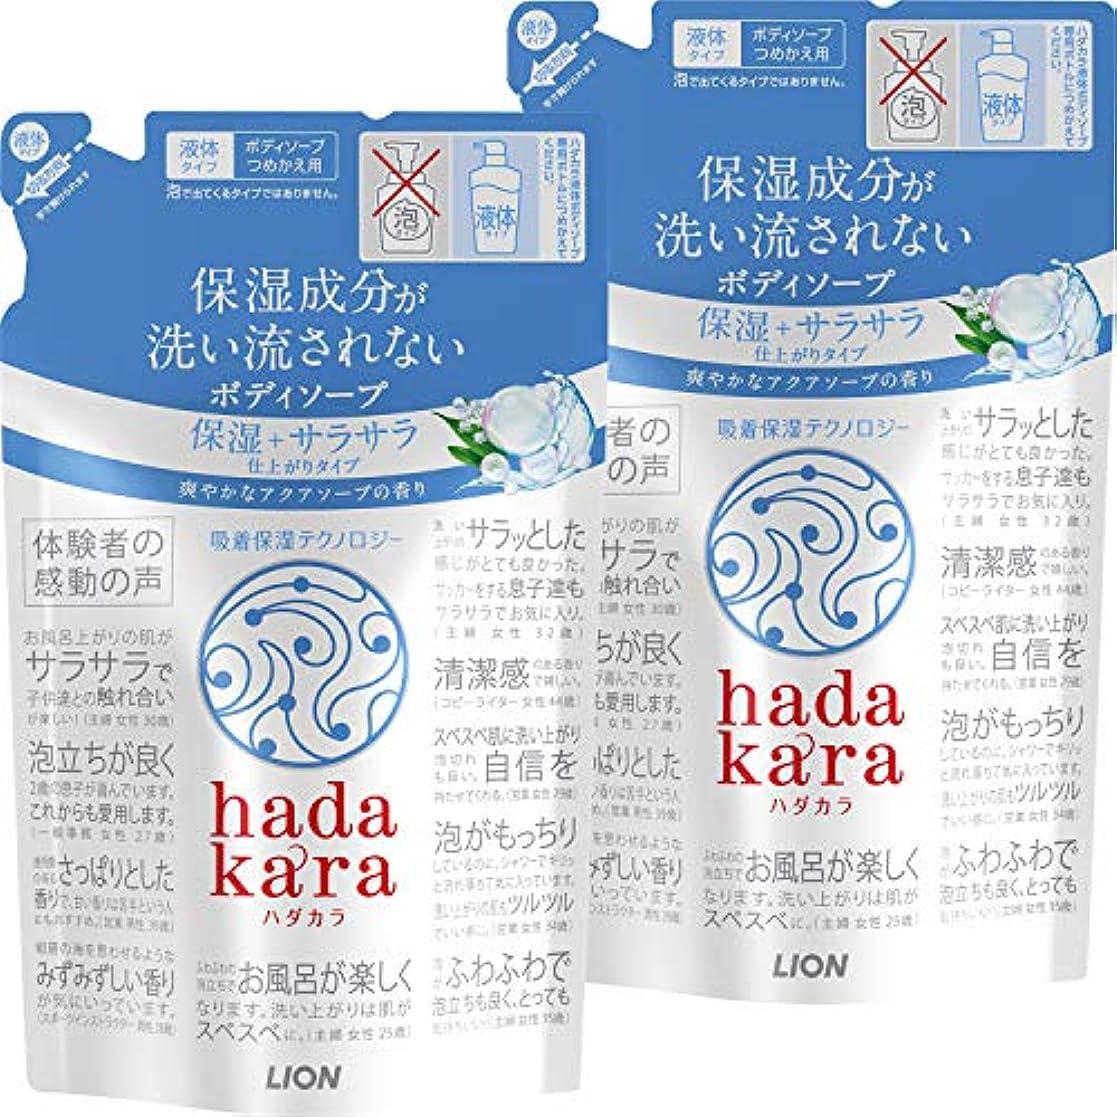 へこみ有望憂鬱【まとめ買い】hadakara(ハダカラ) ボディソープ 保湿+サラサラ仕上がりタイプ アクアソープの香り 詰め替え 340ml×2個パック